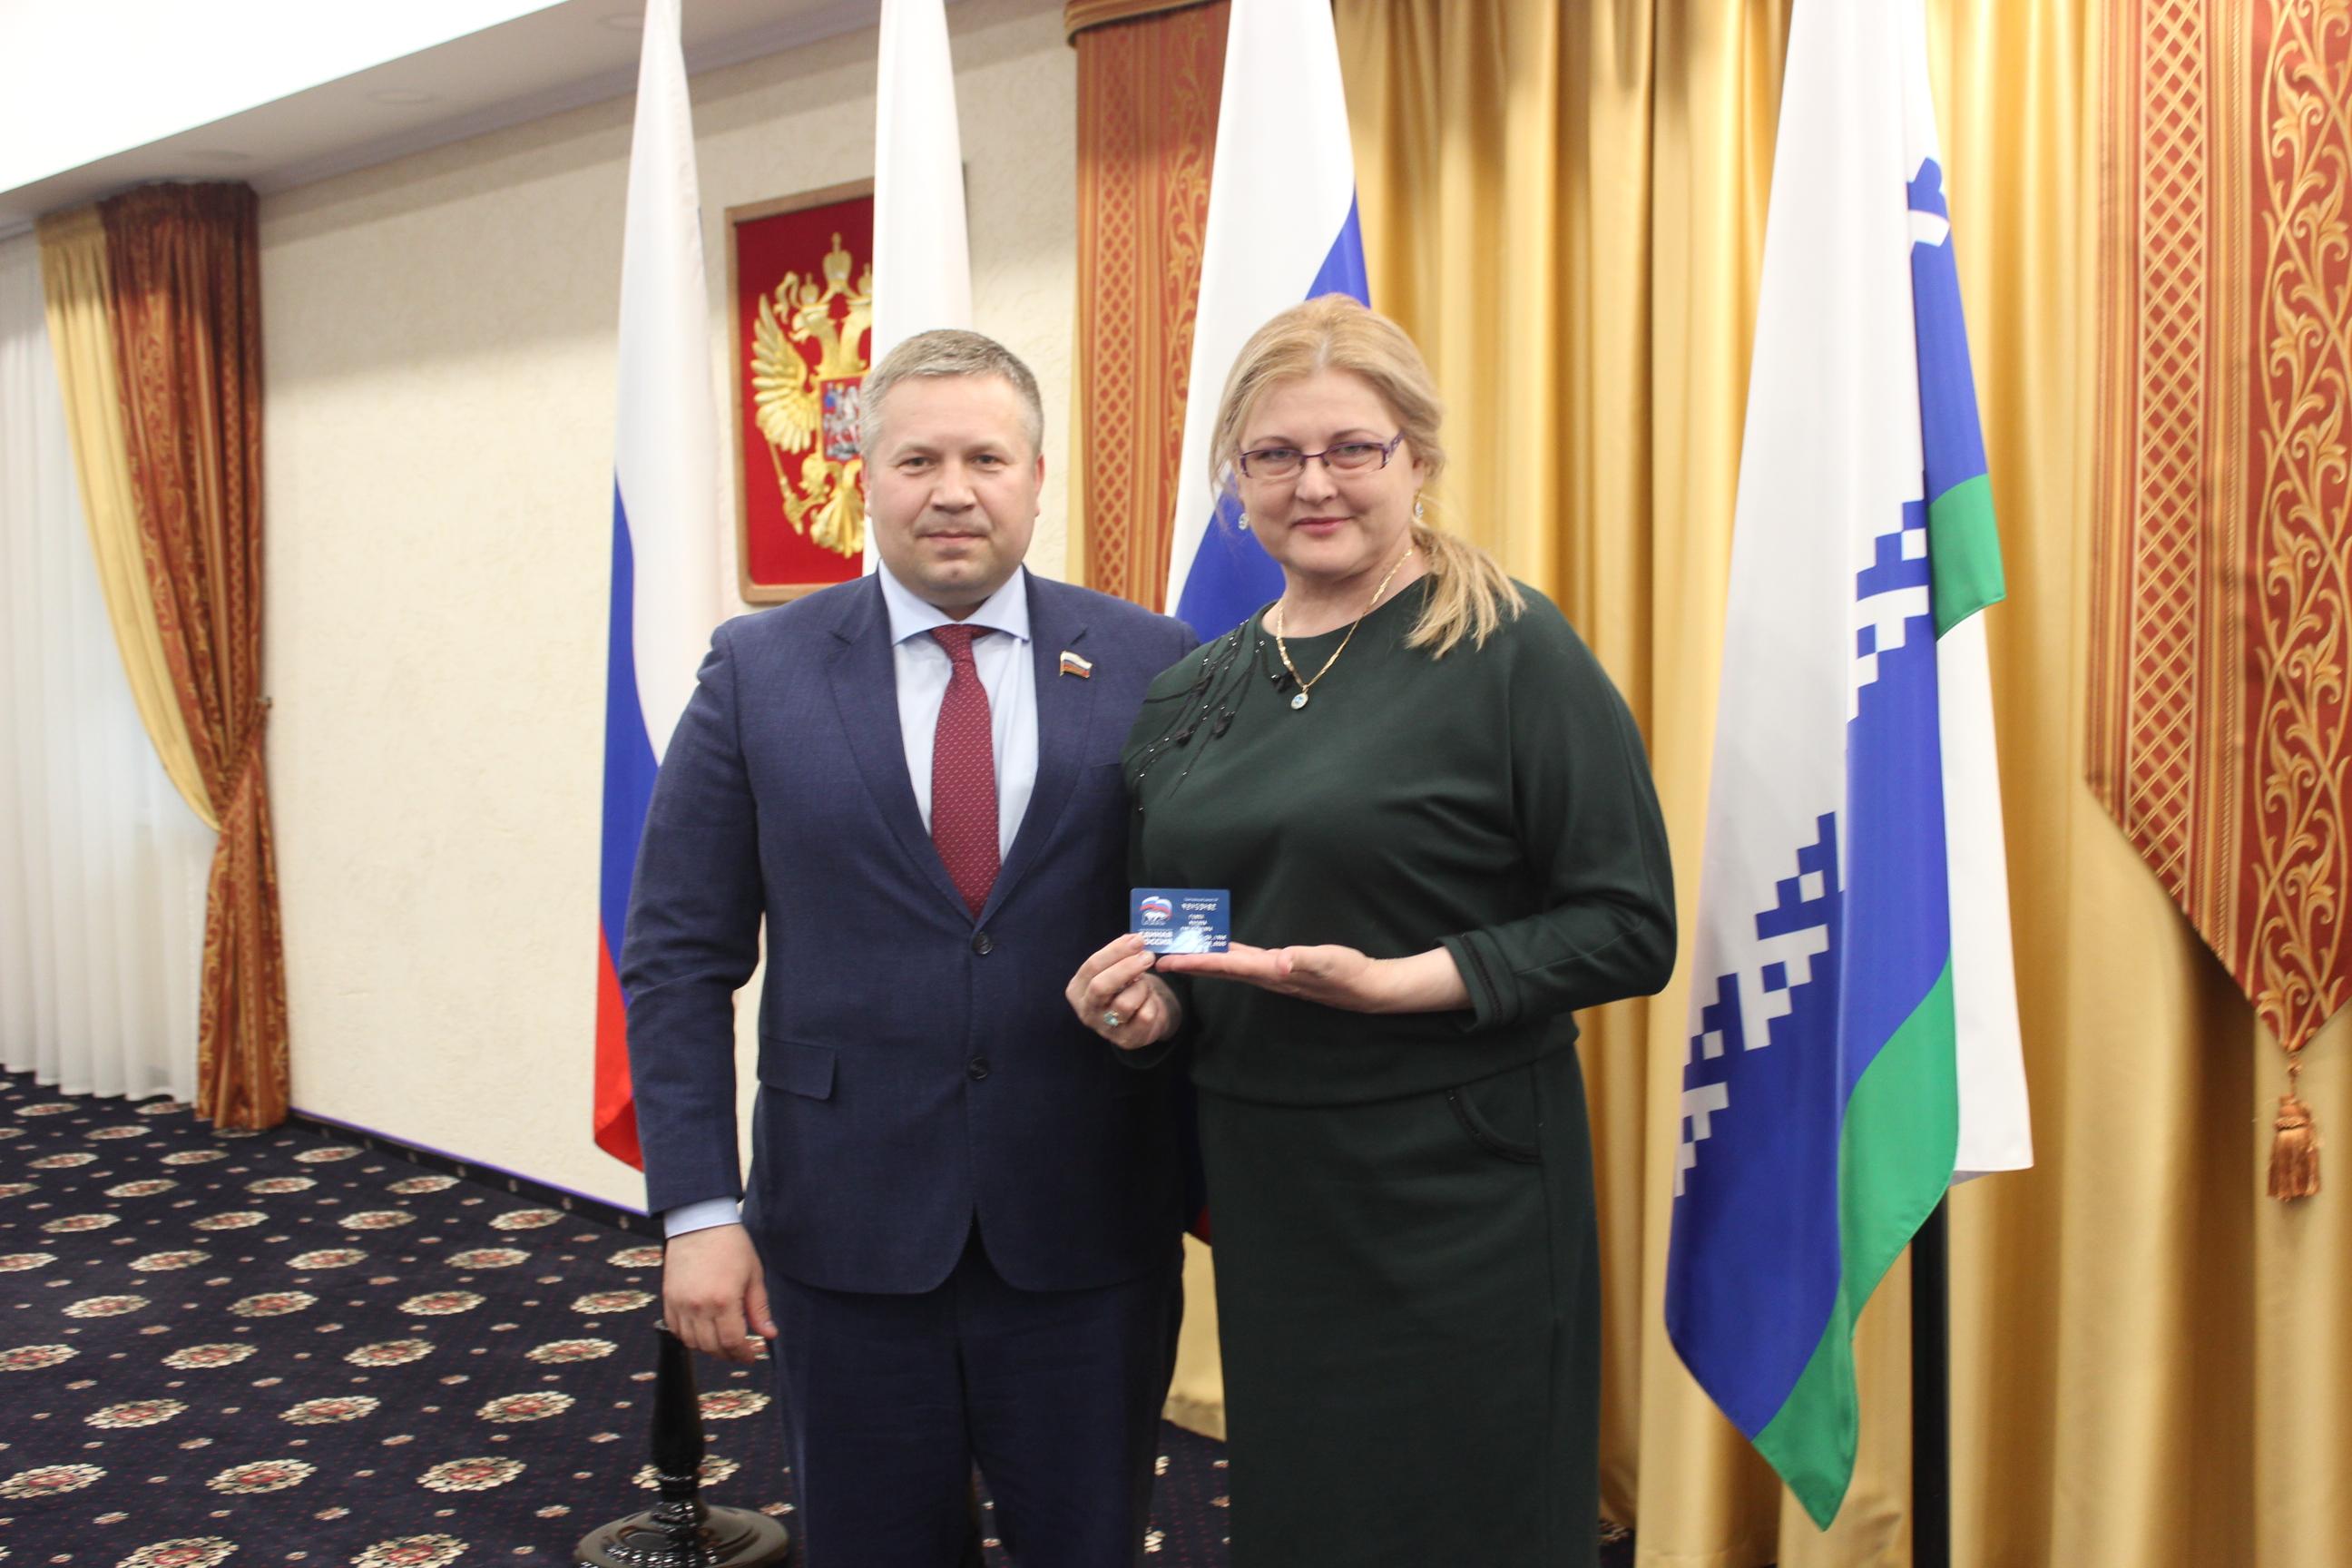 Секретарь НРО Денис Гусев вручил партбилет Марине Говша